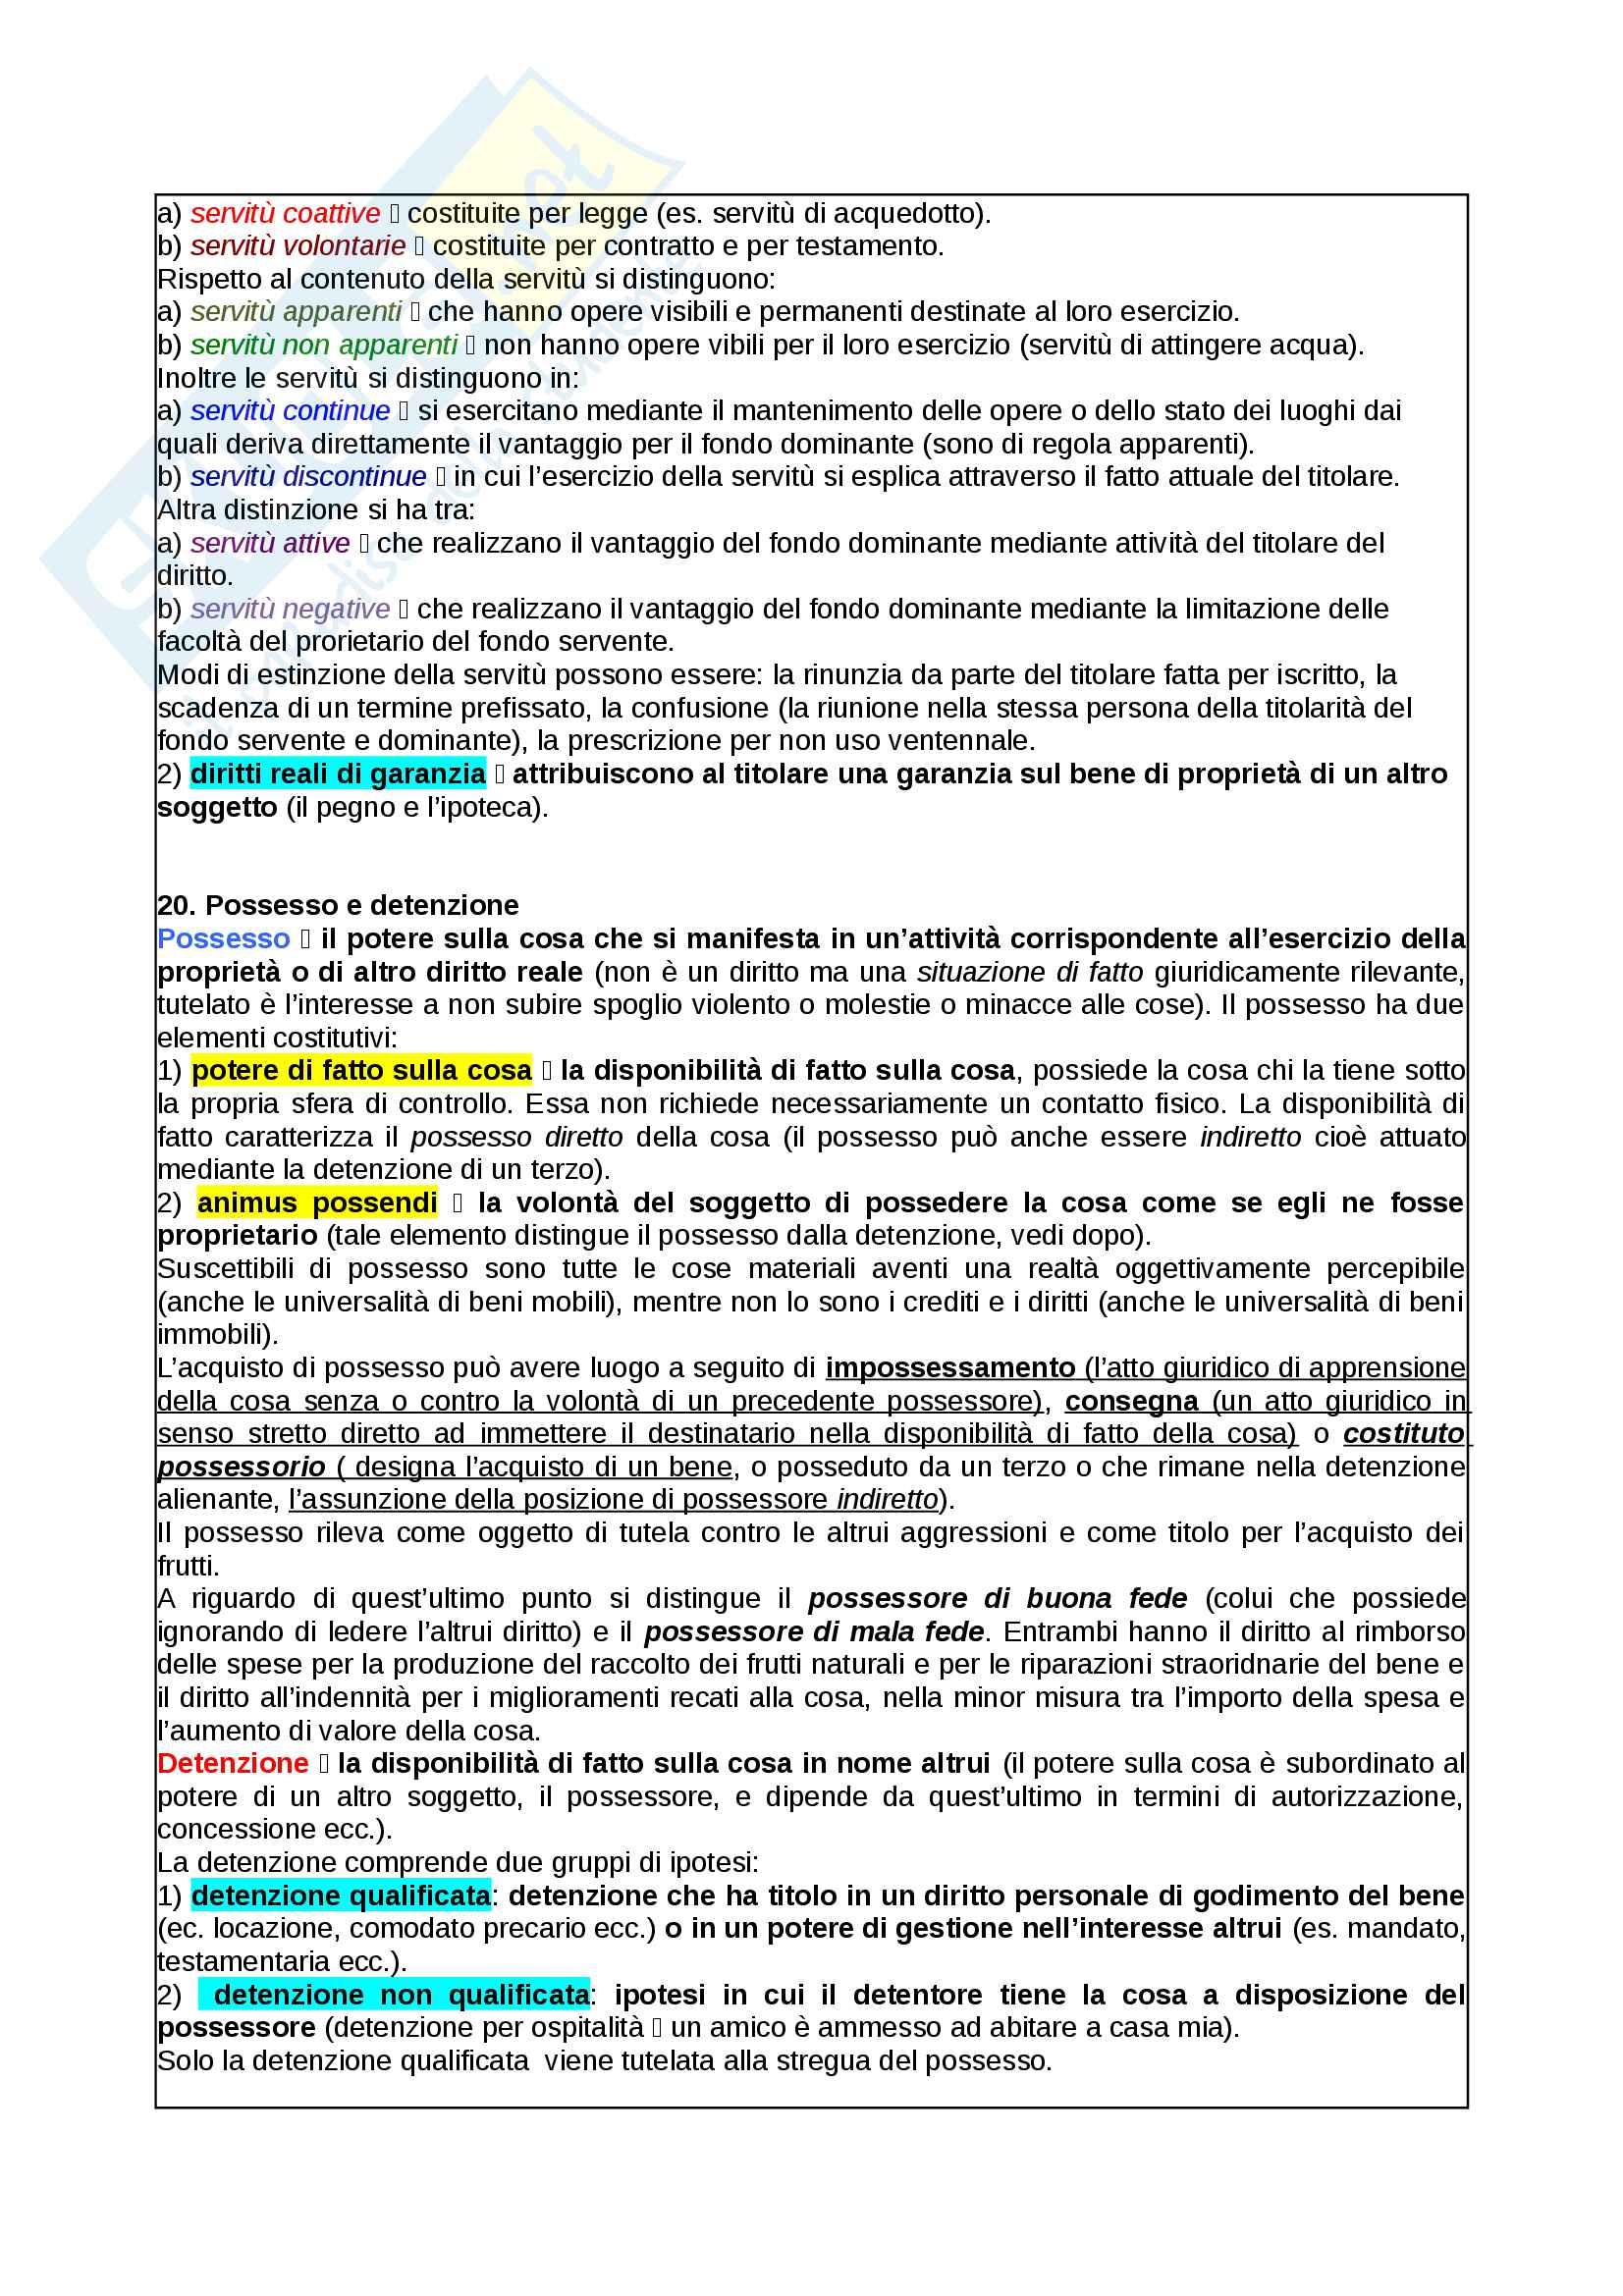 Appunti Diritto Privato Pag. 21